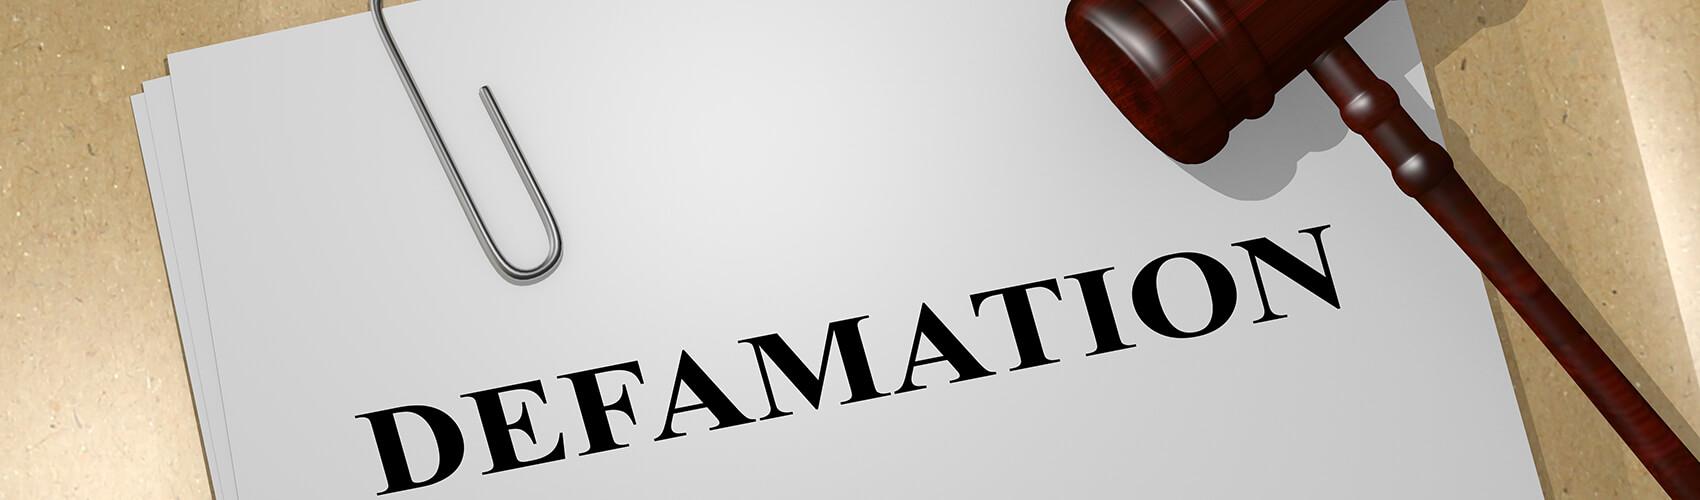 Defamation Law: The Basics  de Lachica Law Firm